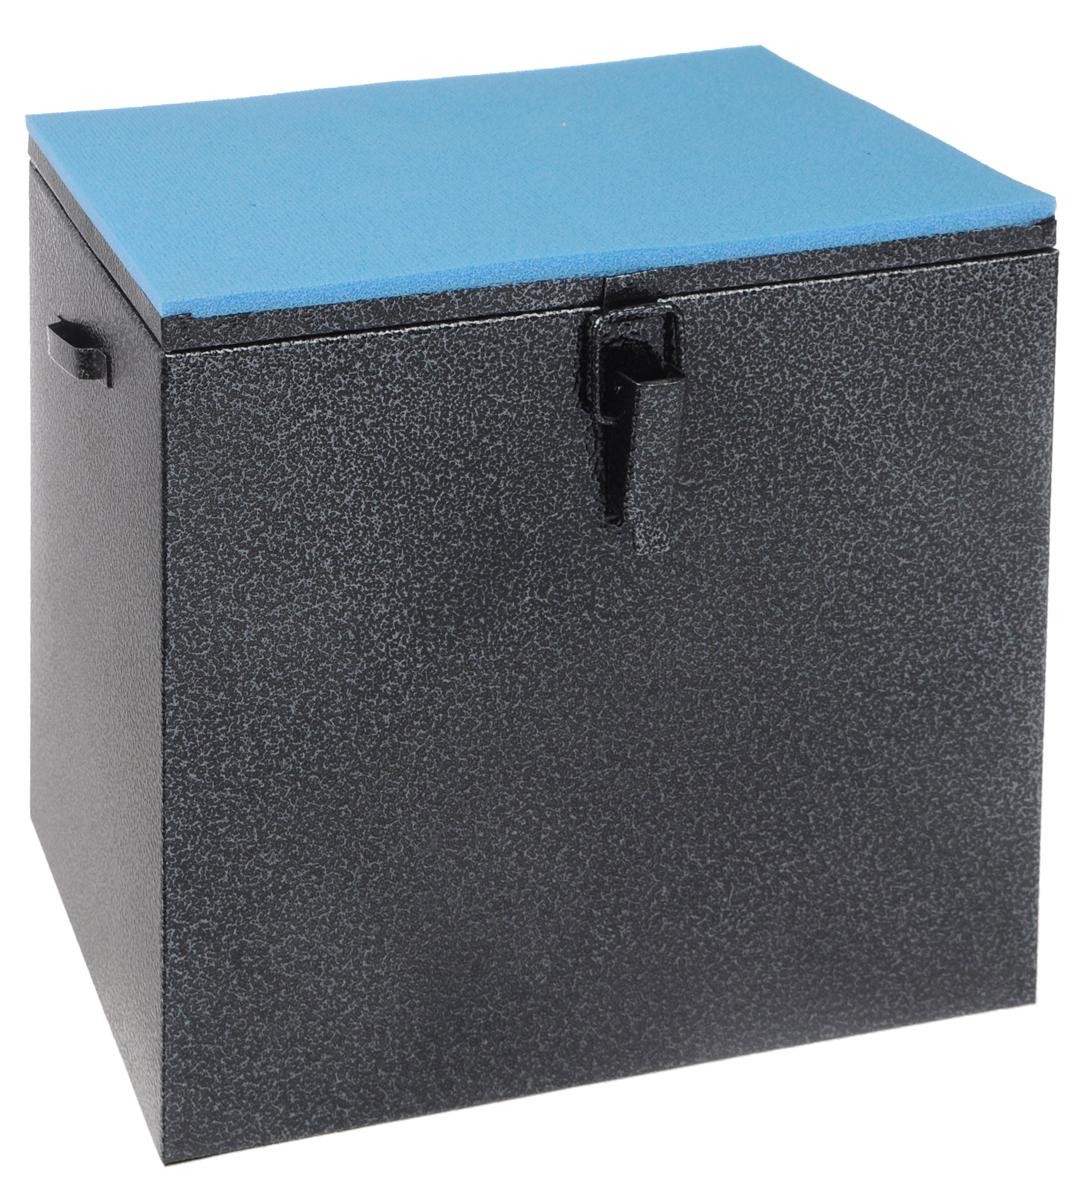 Ящик рыболова Рост, окрашенный, 30 см х 19 см х 29 см26720Прочный и надежный ящик Рост, выполненный из высококачественной окрашенной стали, сможет не один год прослужить любителю зимней рыбалки для транспортировки снастей и улова. Служащая сиденьем верхняя часть крышки оклеена плотным теплоизолятором - пенополиэтиленом с рифленой поверхностью. Внутренний объем ящика разделен перегородкой, придающей конструкции дополнительную жесткость. Боковые стенки емкости снабжены петлями для крепления идущего в комплекте плечевого ремня.